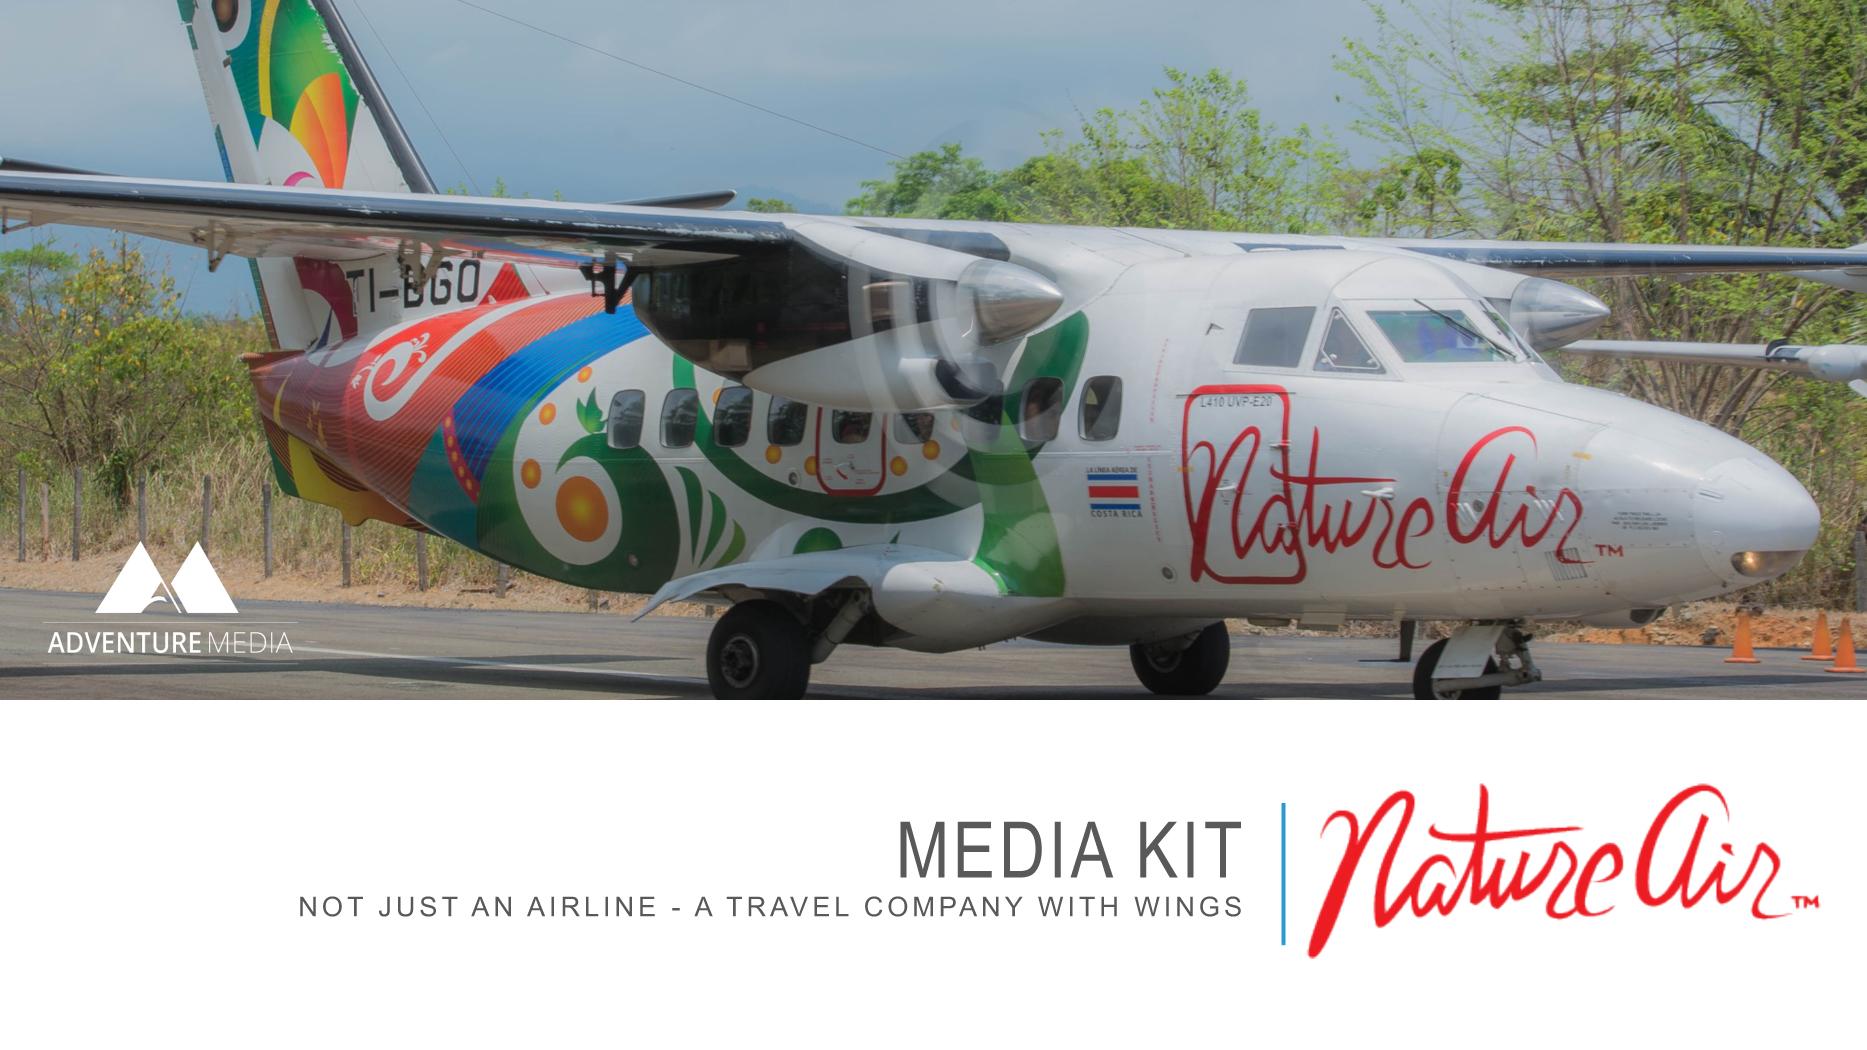 Nature Air | Adventure Media